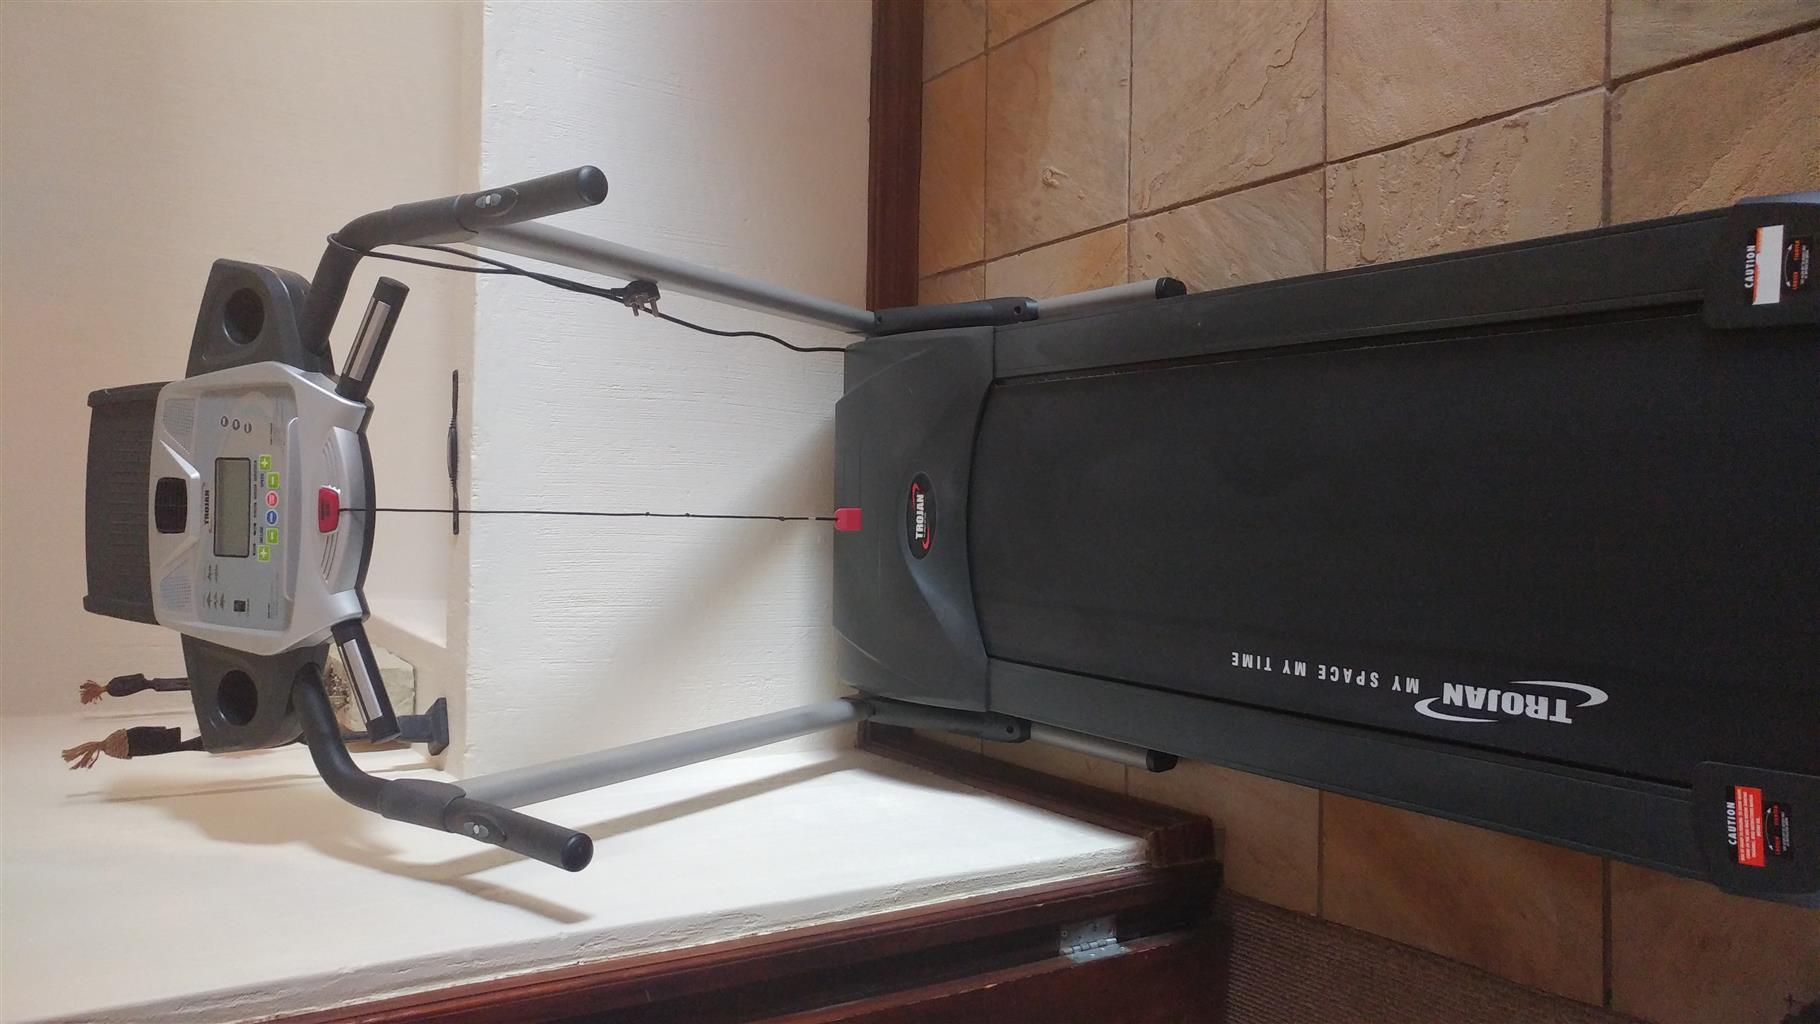 Trojan Solitute Flexdeck 410 Treadmill